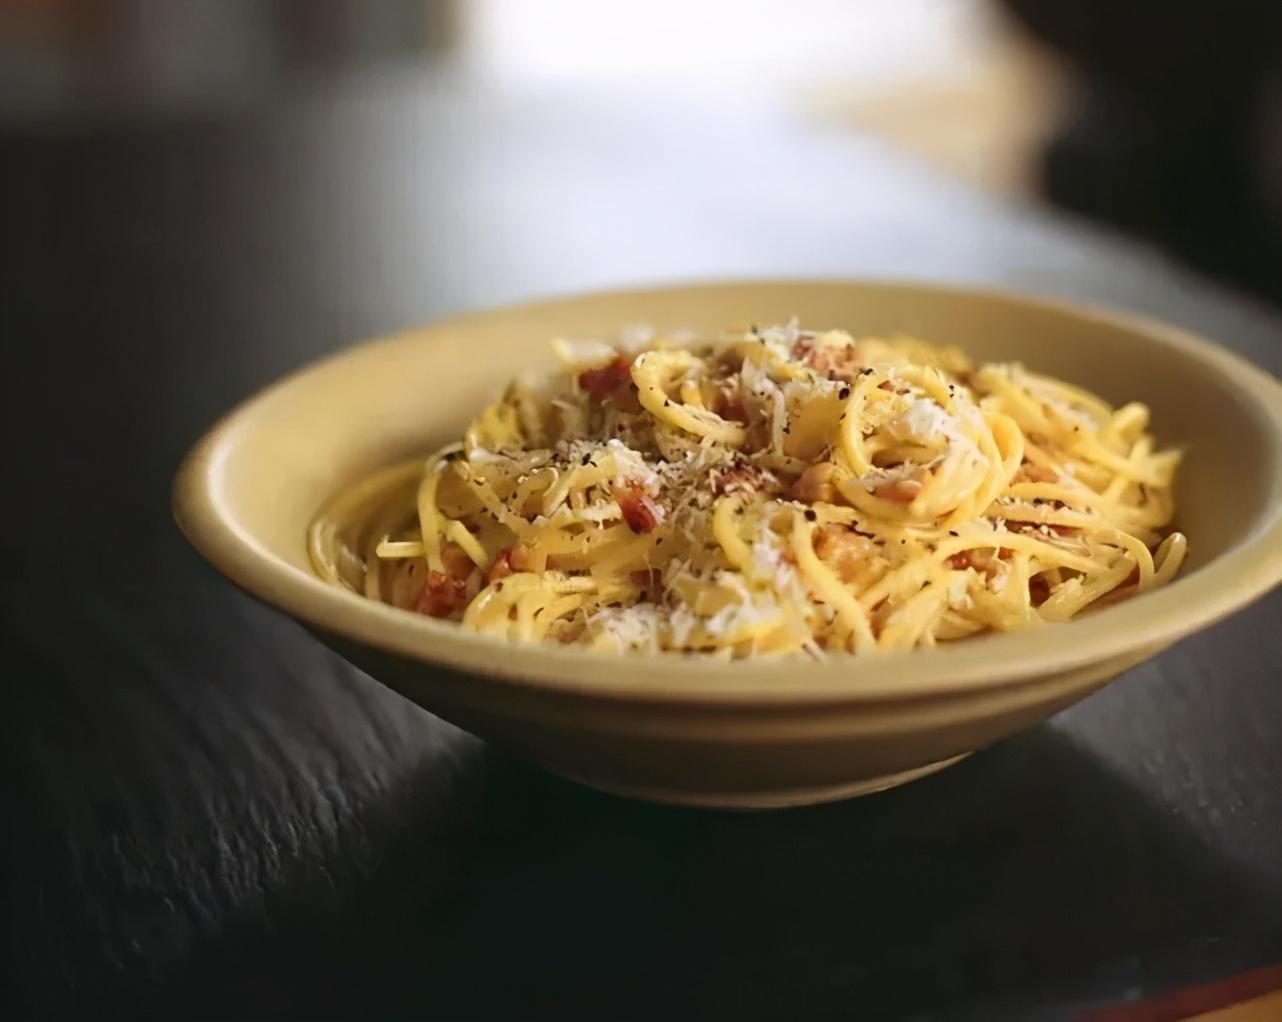 意大利美食图鉴,这些才是经典